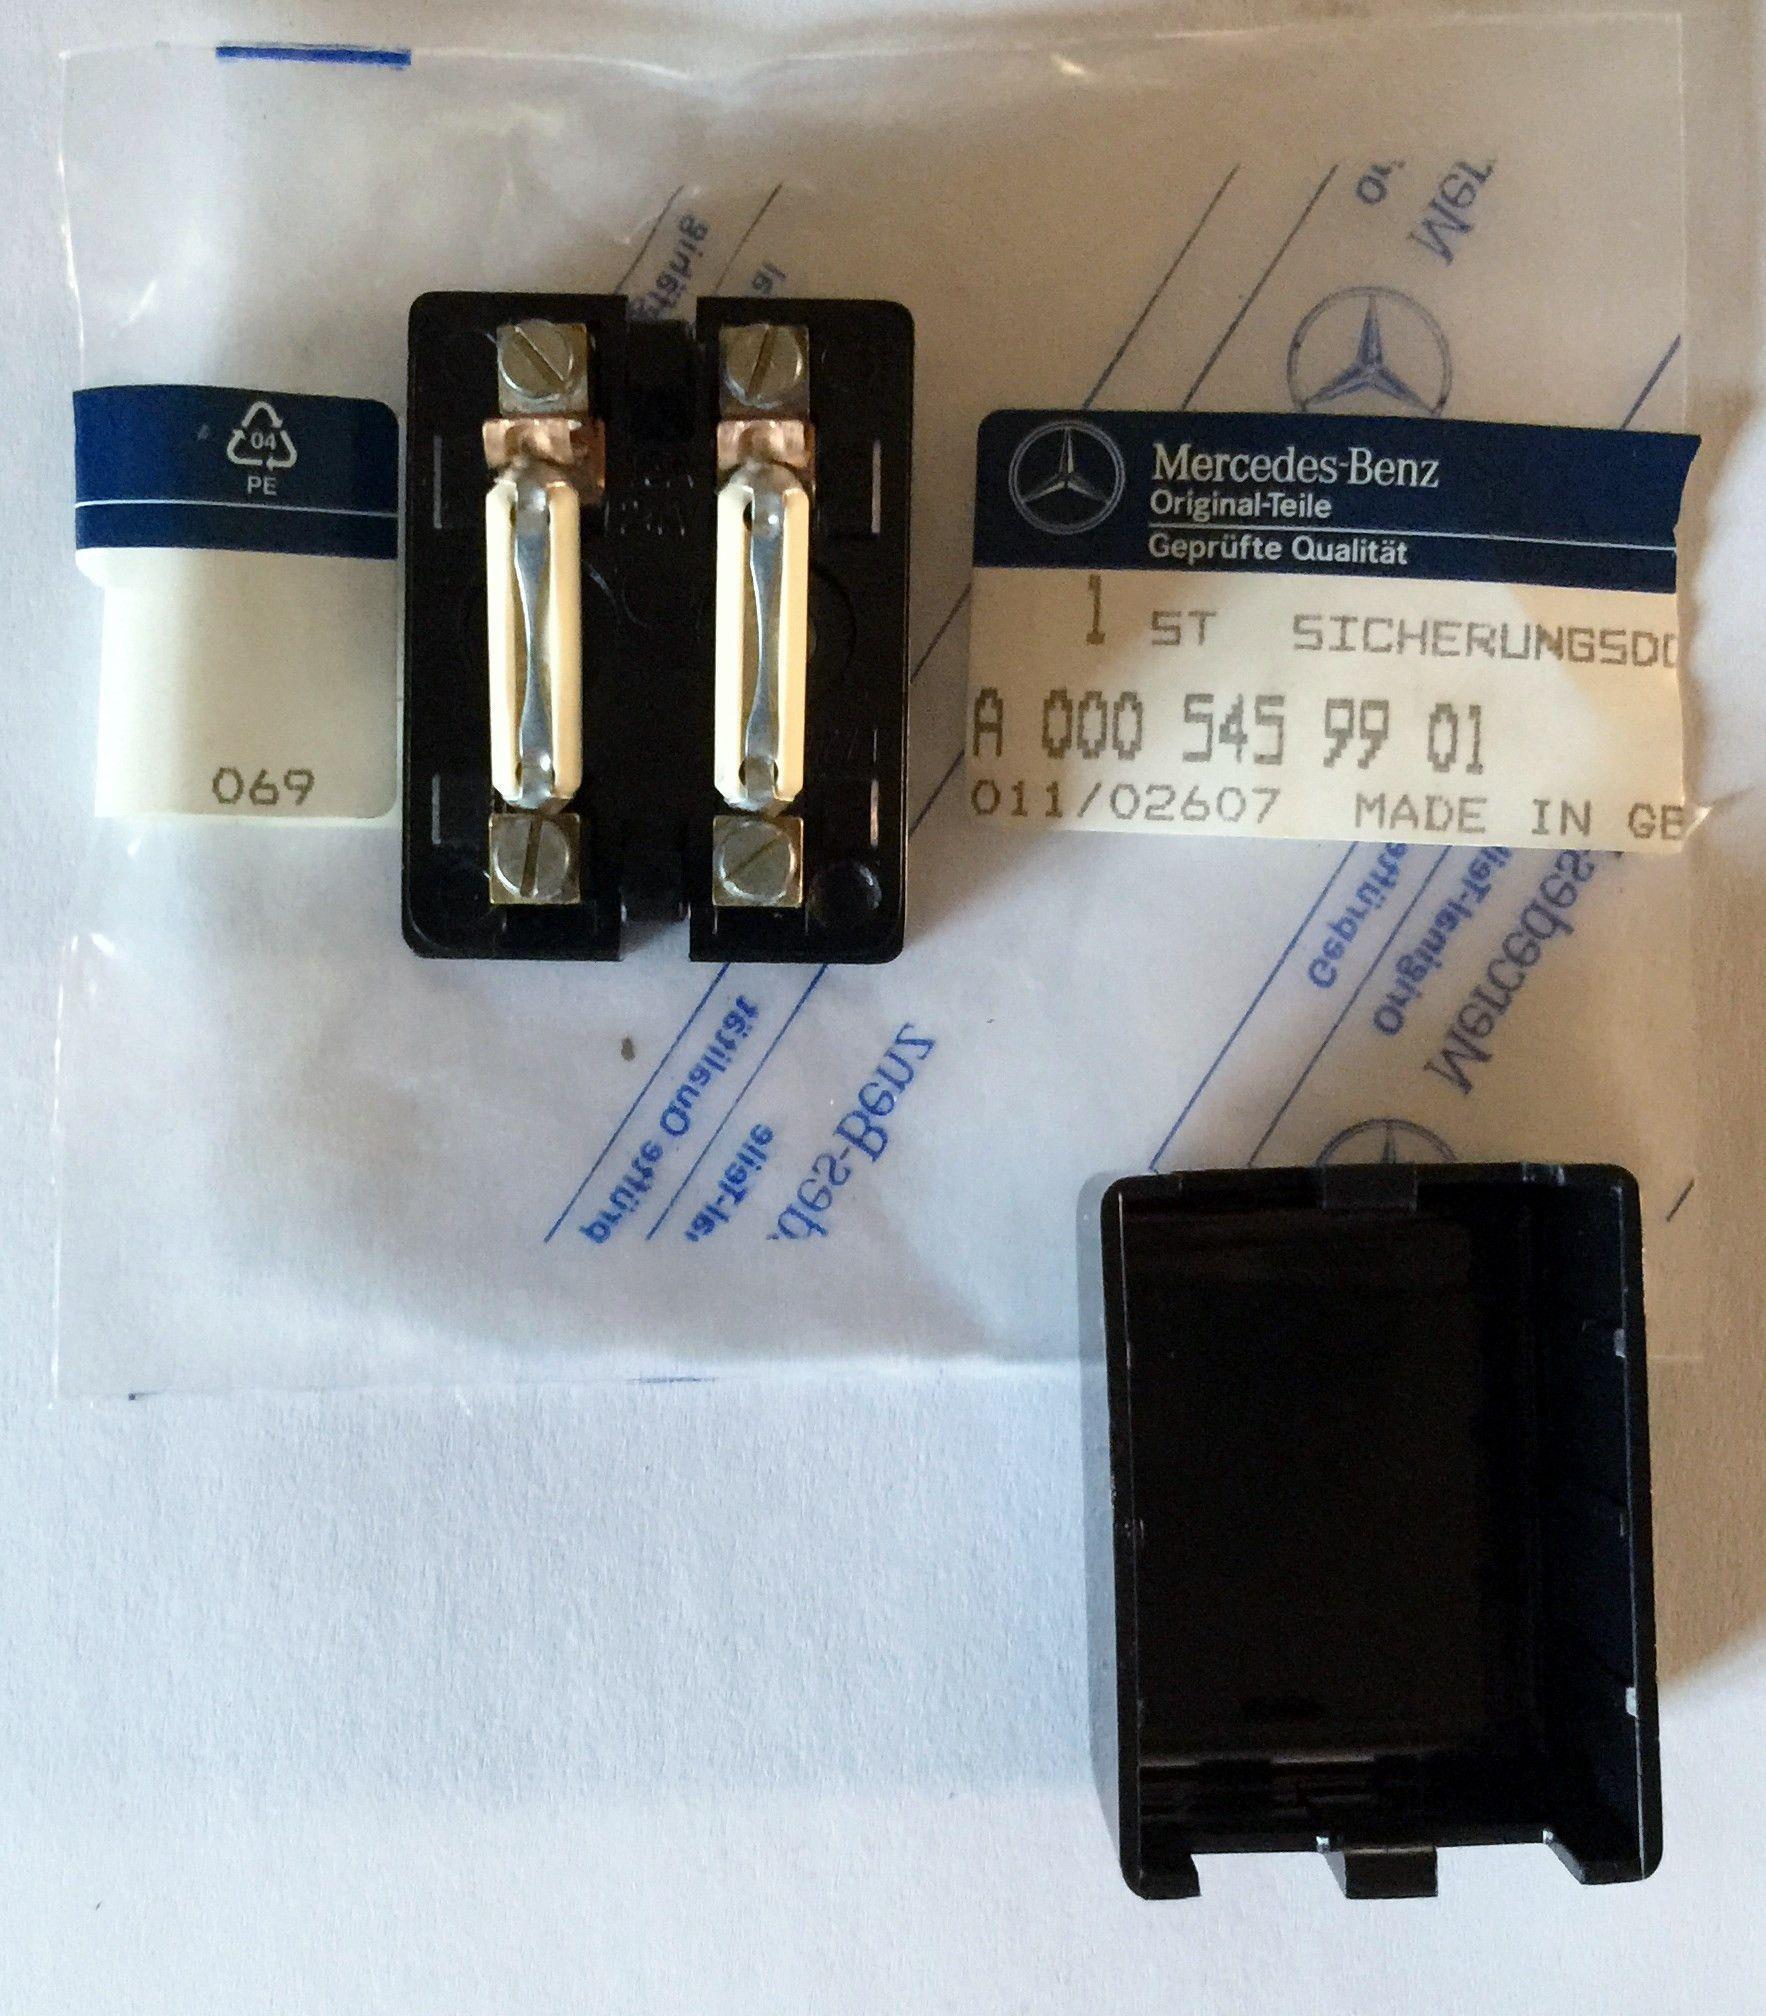 medium resolution of new original mercedes benz auxiliary fuse box cover r107 w126 w201 w108 w109